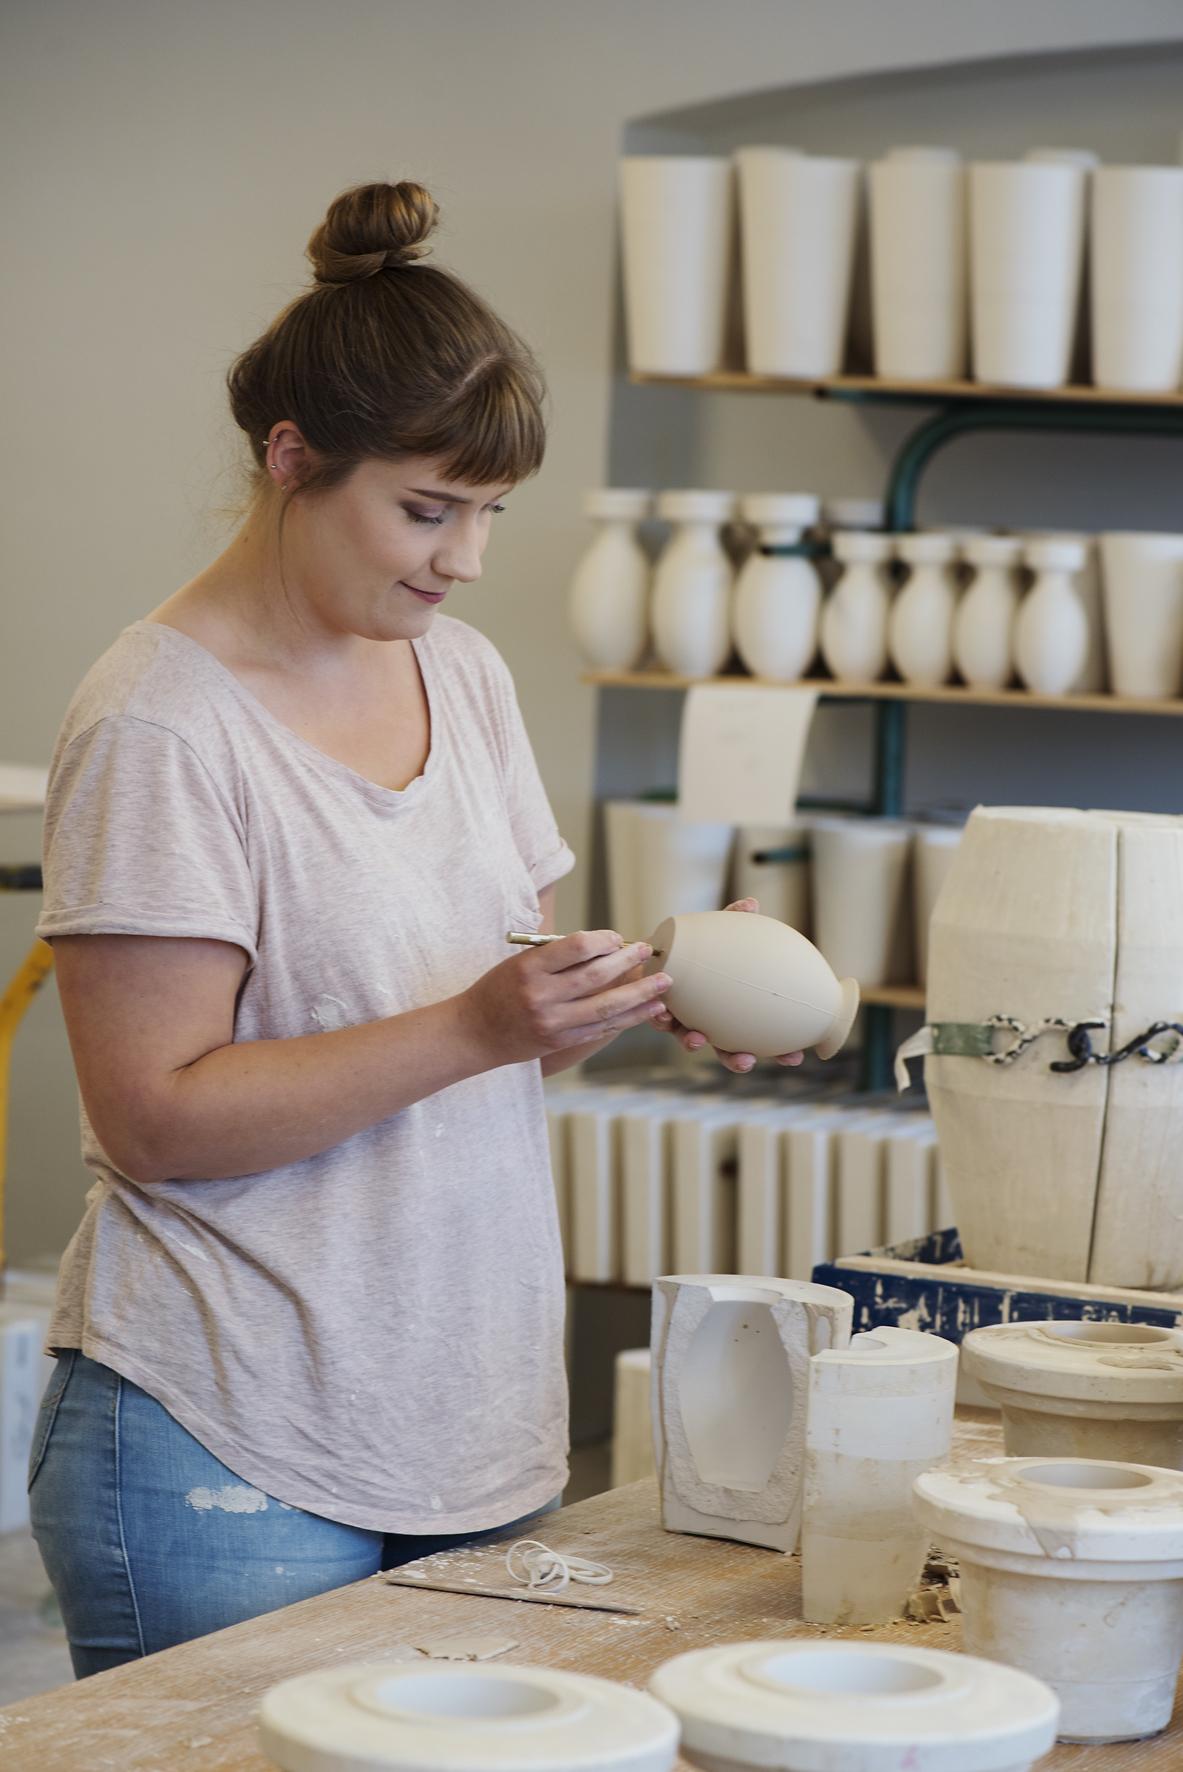 Kunstner Stine Hartvigsen assisterer produksjonen av vaser til Kvasbø-utstillingen.